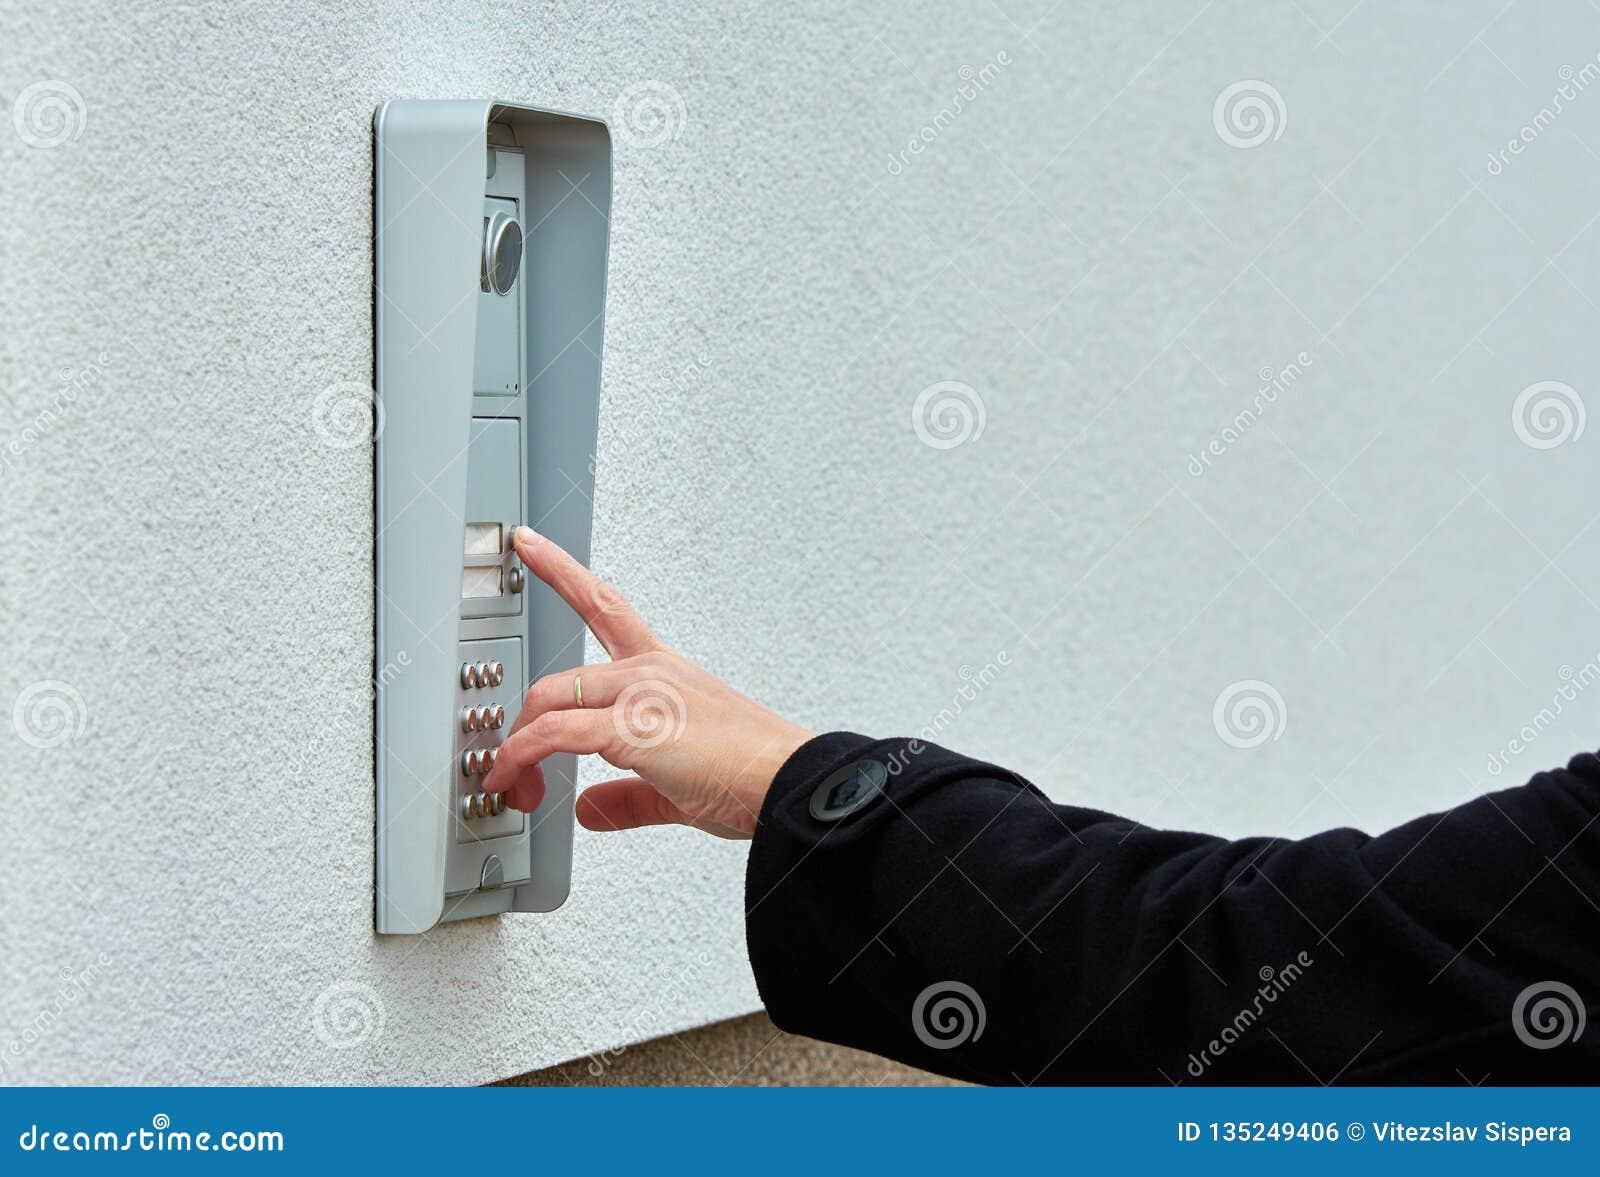 Το θηλυκό χέρι πιέζει ένα κουμπί doorbell με την ενδοσυνεννόηση